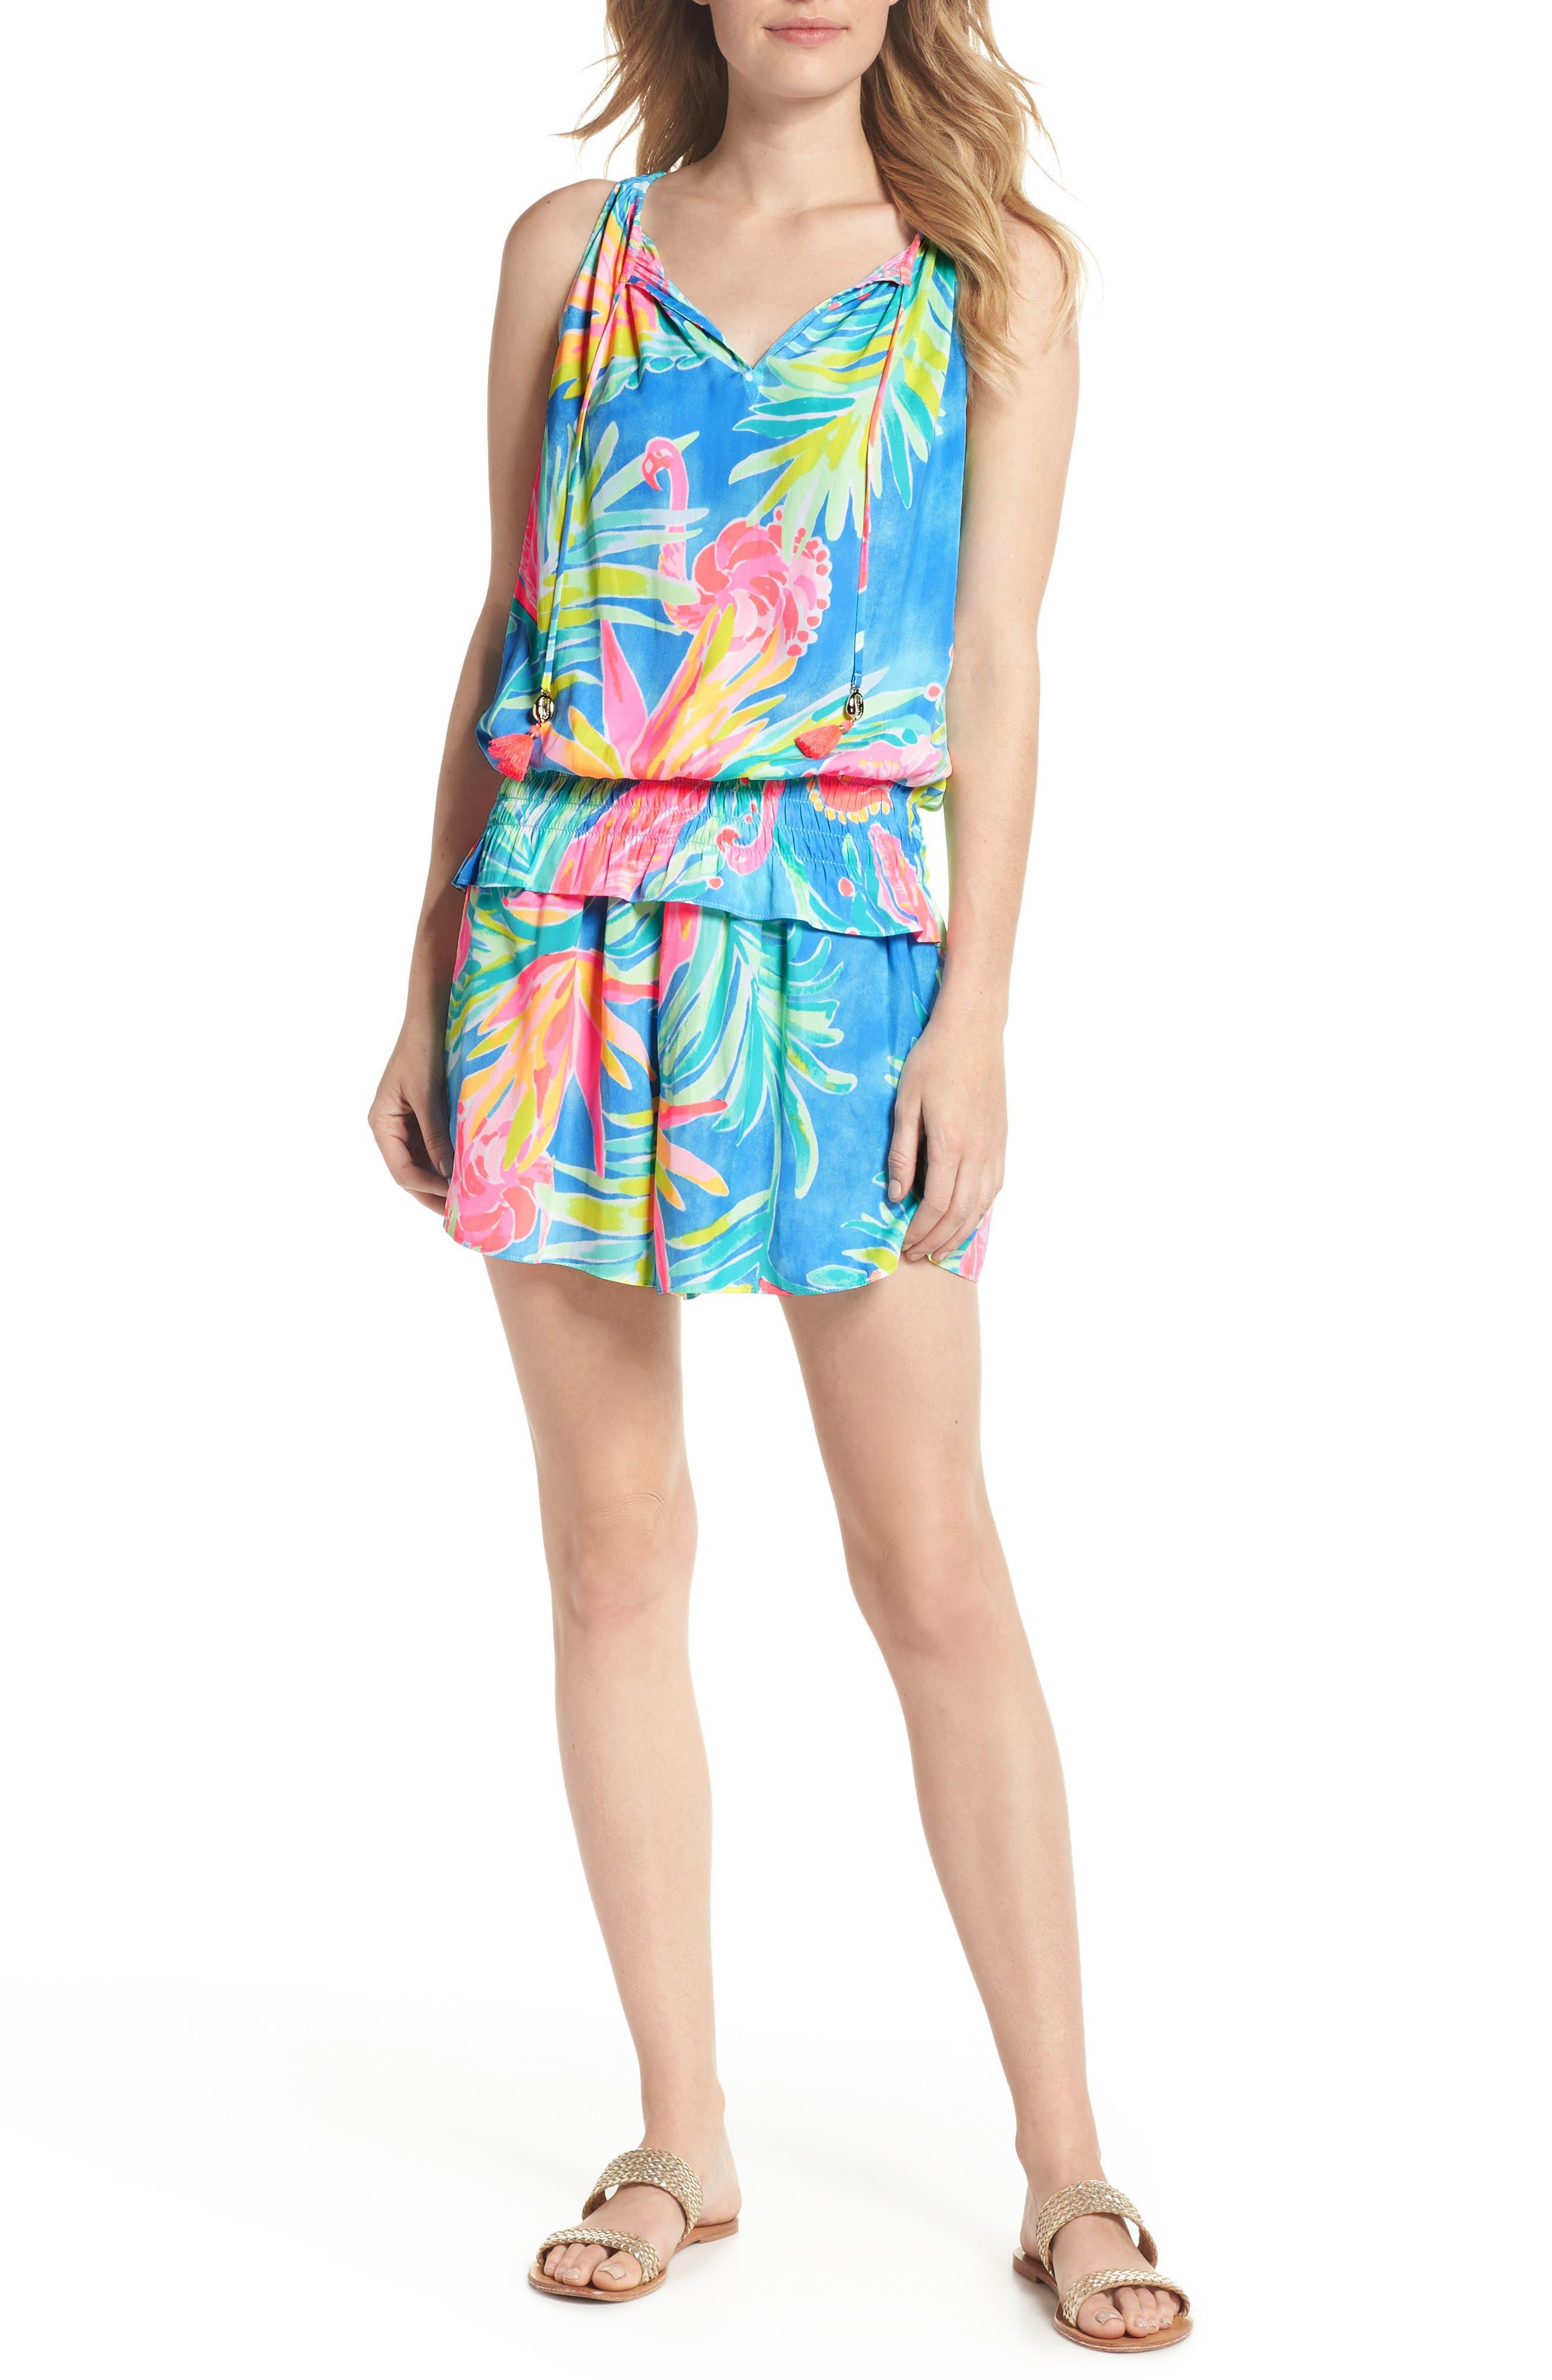 Kellen Top & Shorts Set,                         Main,                         color, 420